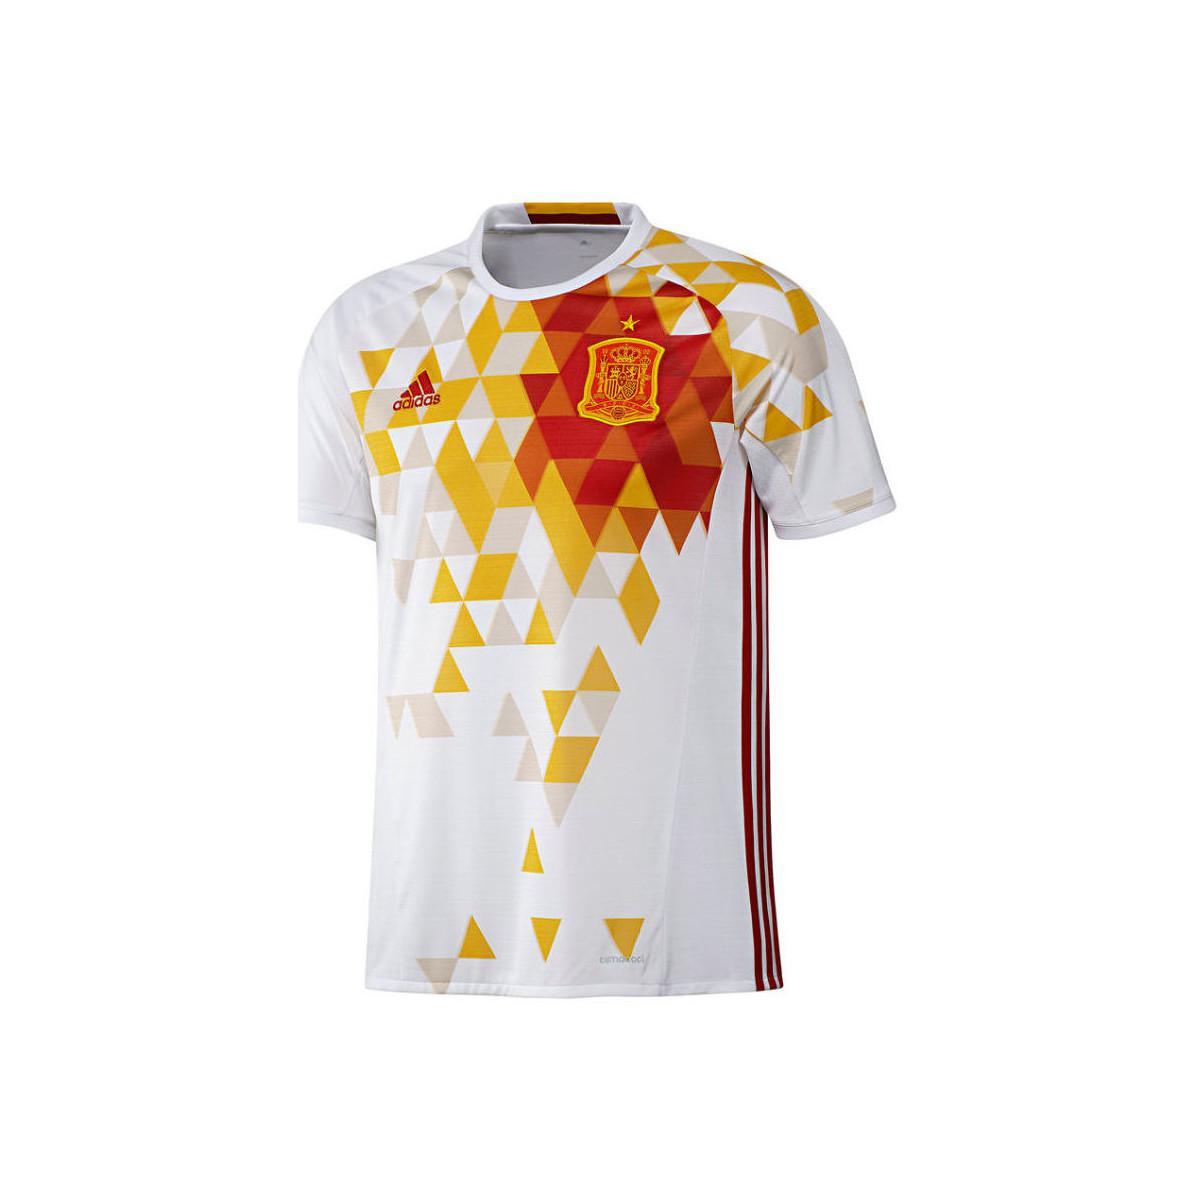 Lyst - Adidas 2016-2017 Spain Away Shirt (raul 7) Women s T Shirt In ... d512d3e85